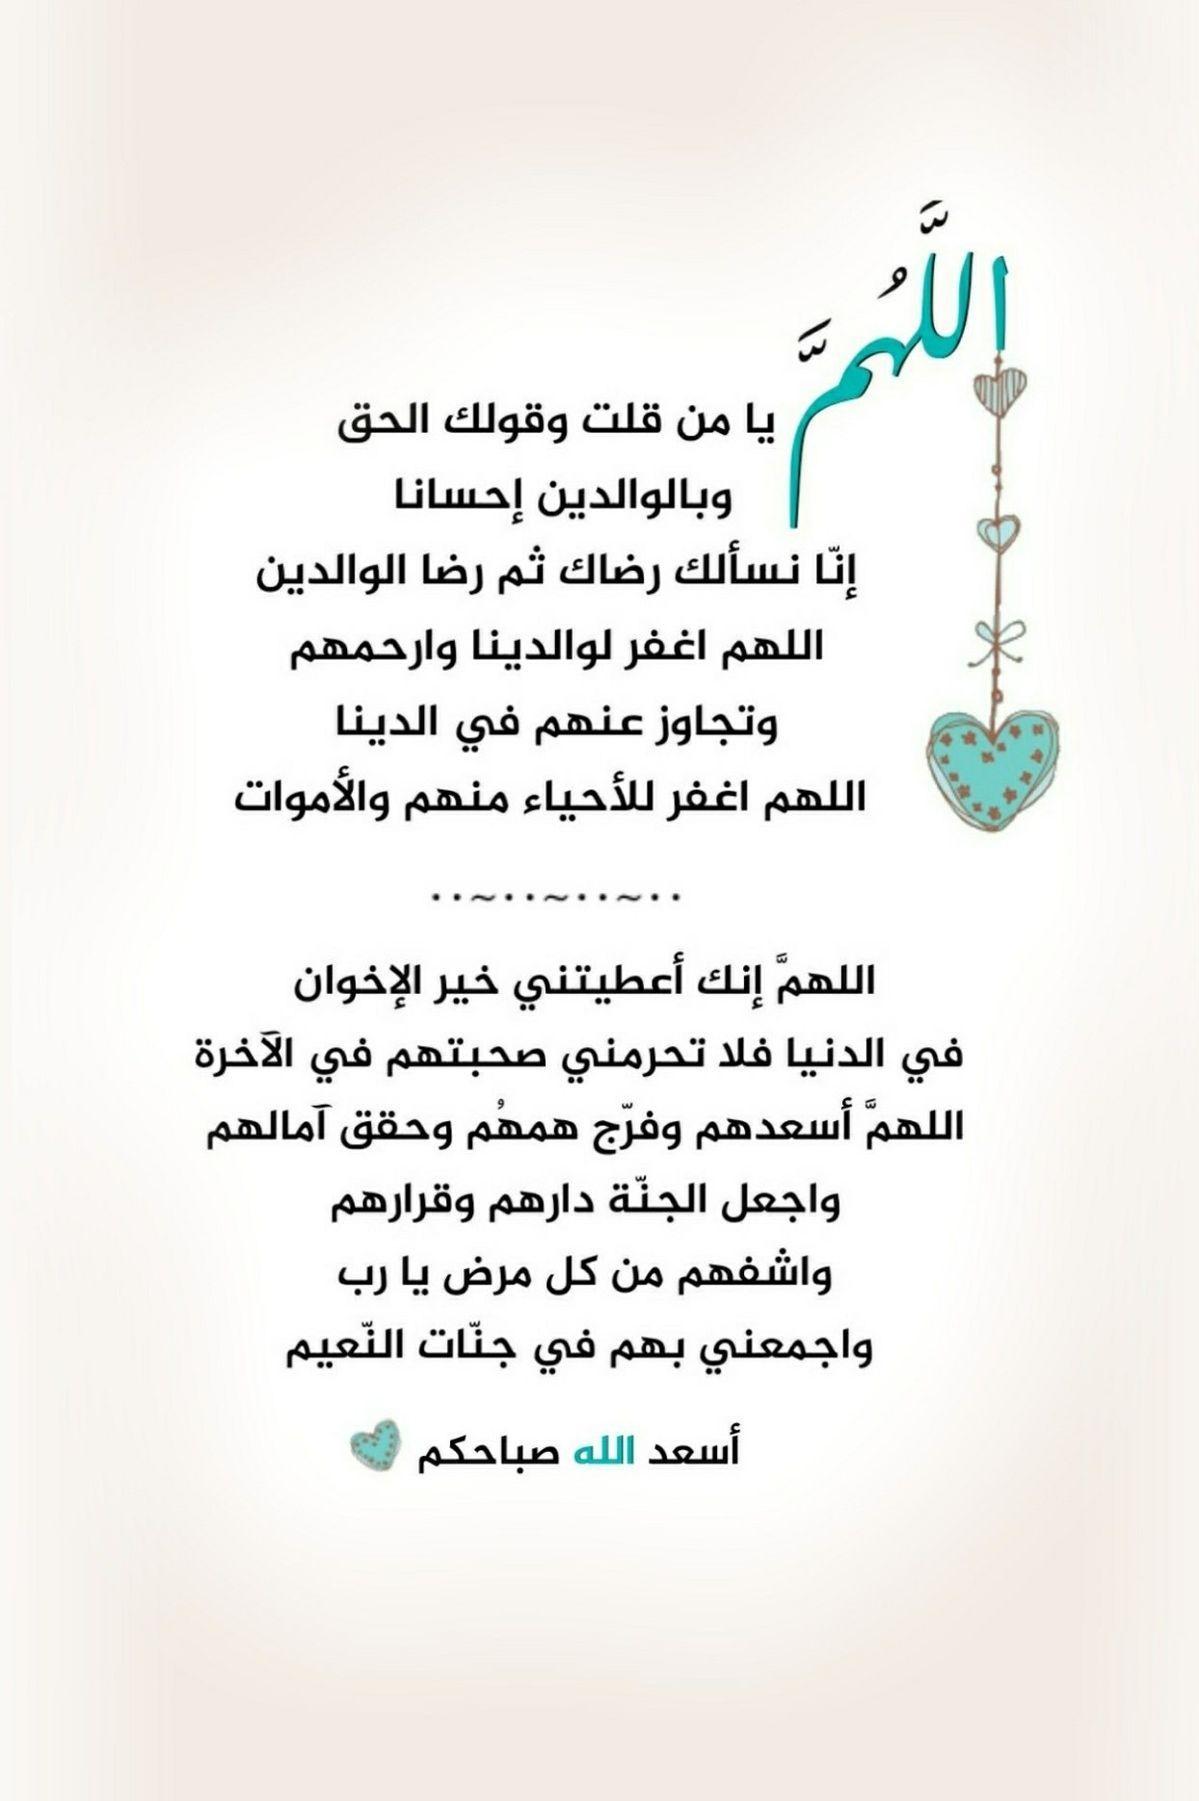 الله م سترك وعفوك ورضاك Poster Art Movie Posters